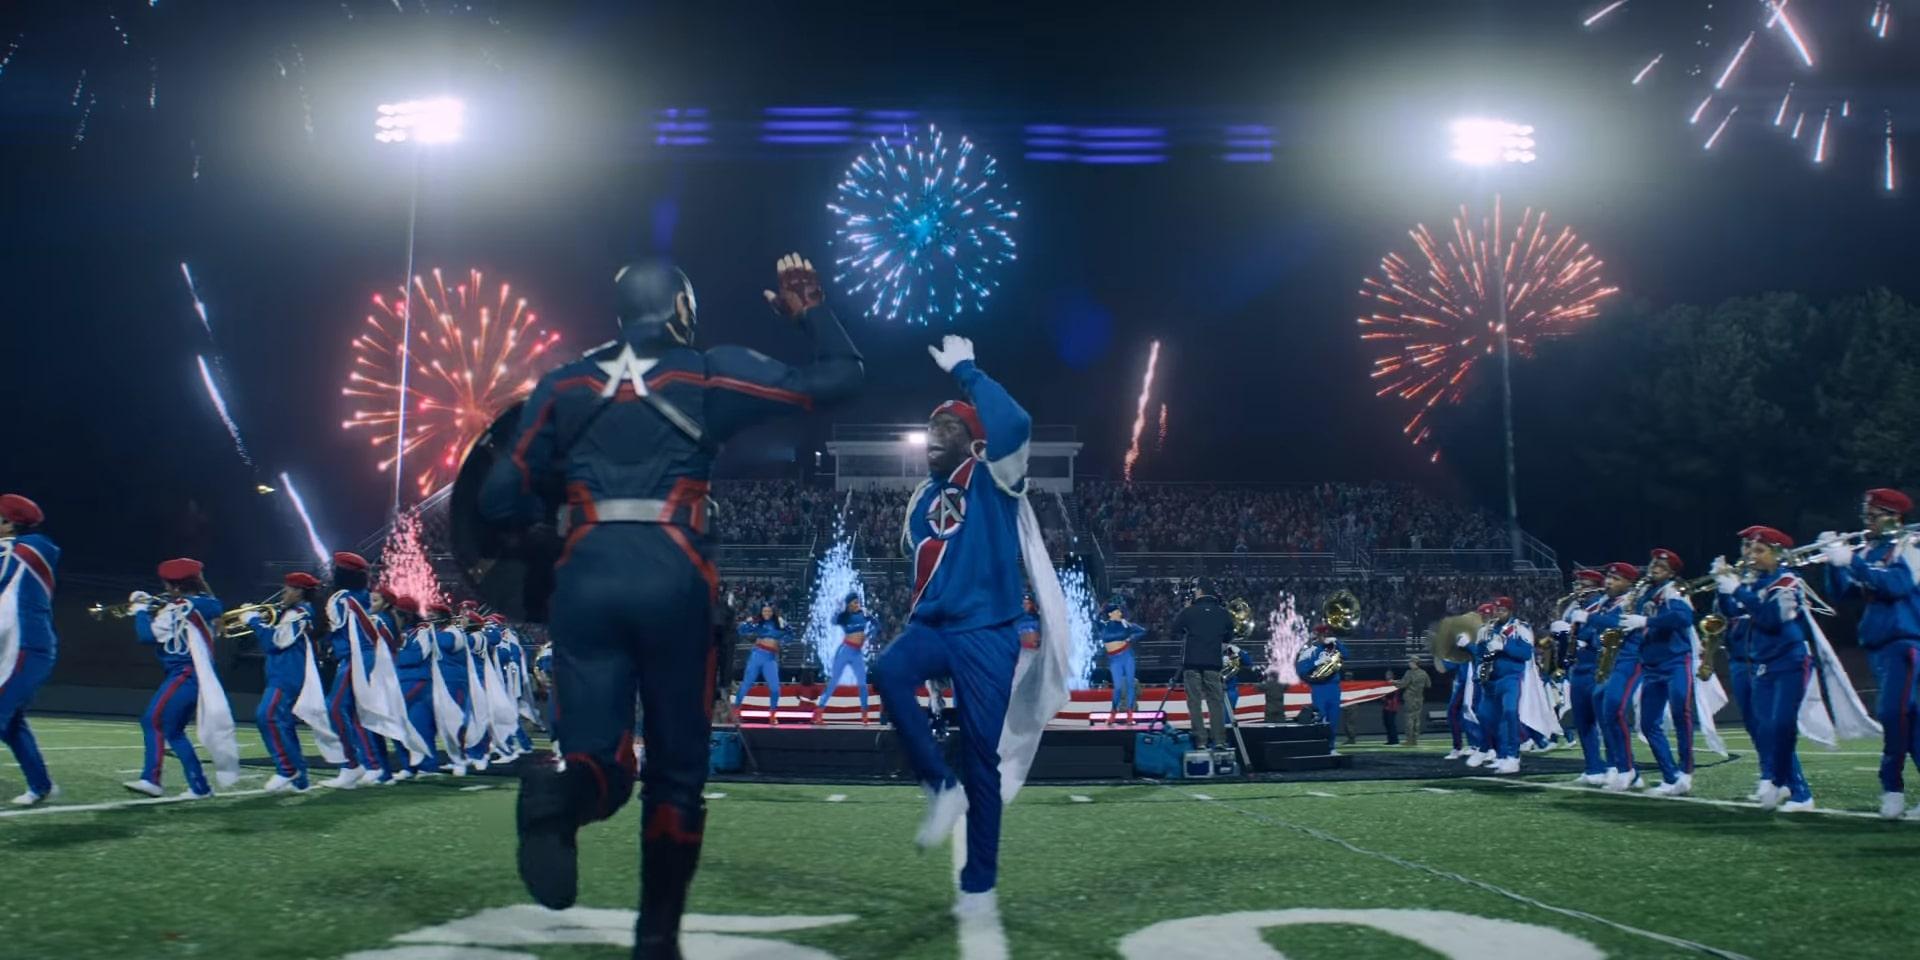 Super Bowl czyli jak kino i telewizja weszły w romans z futbolem amerykańskim